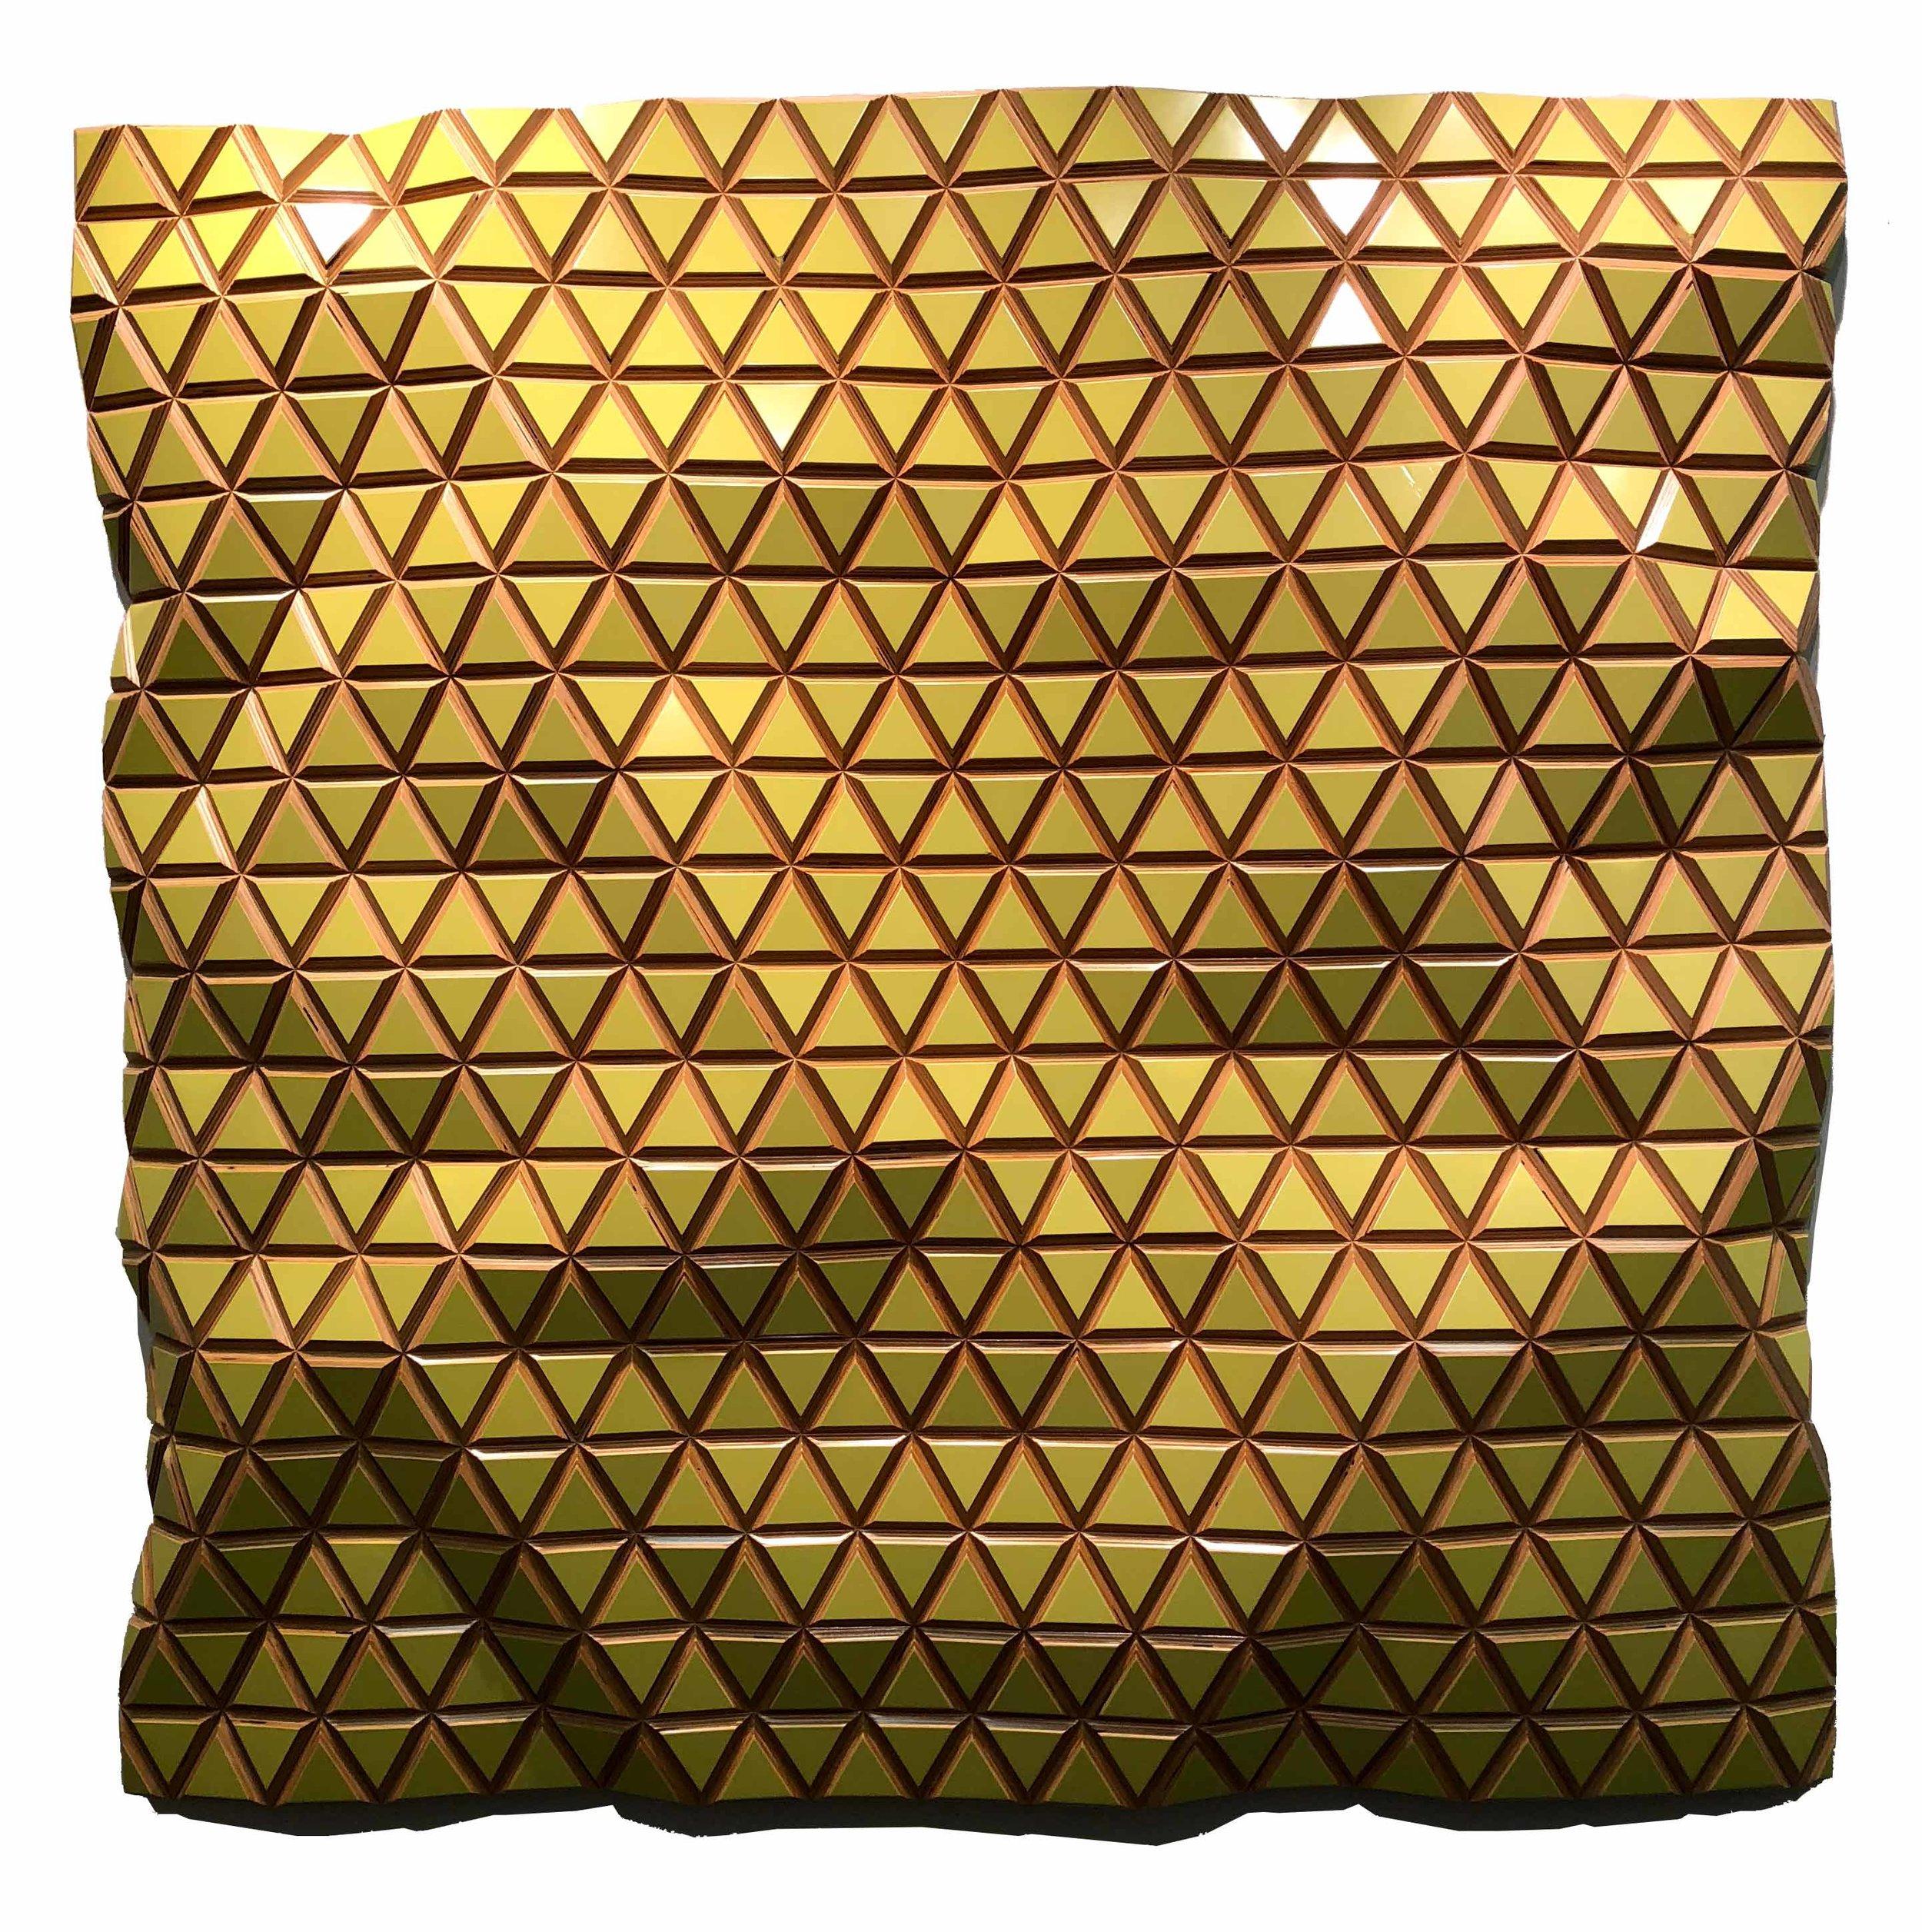 HGU_Honeycomb-Conjecture_57x59in_144x150cm_F1.jpg